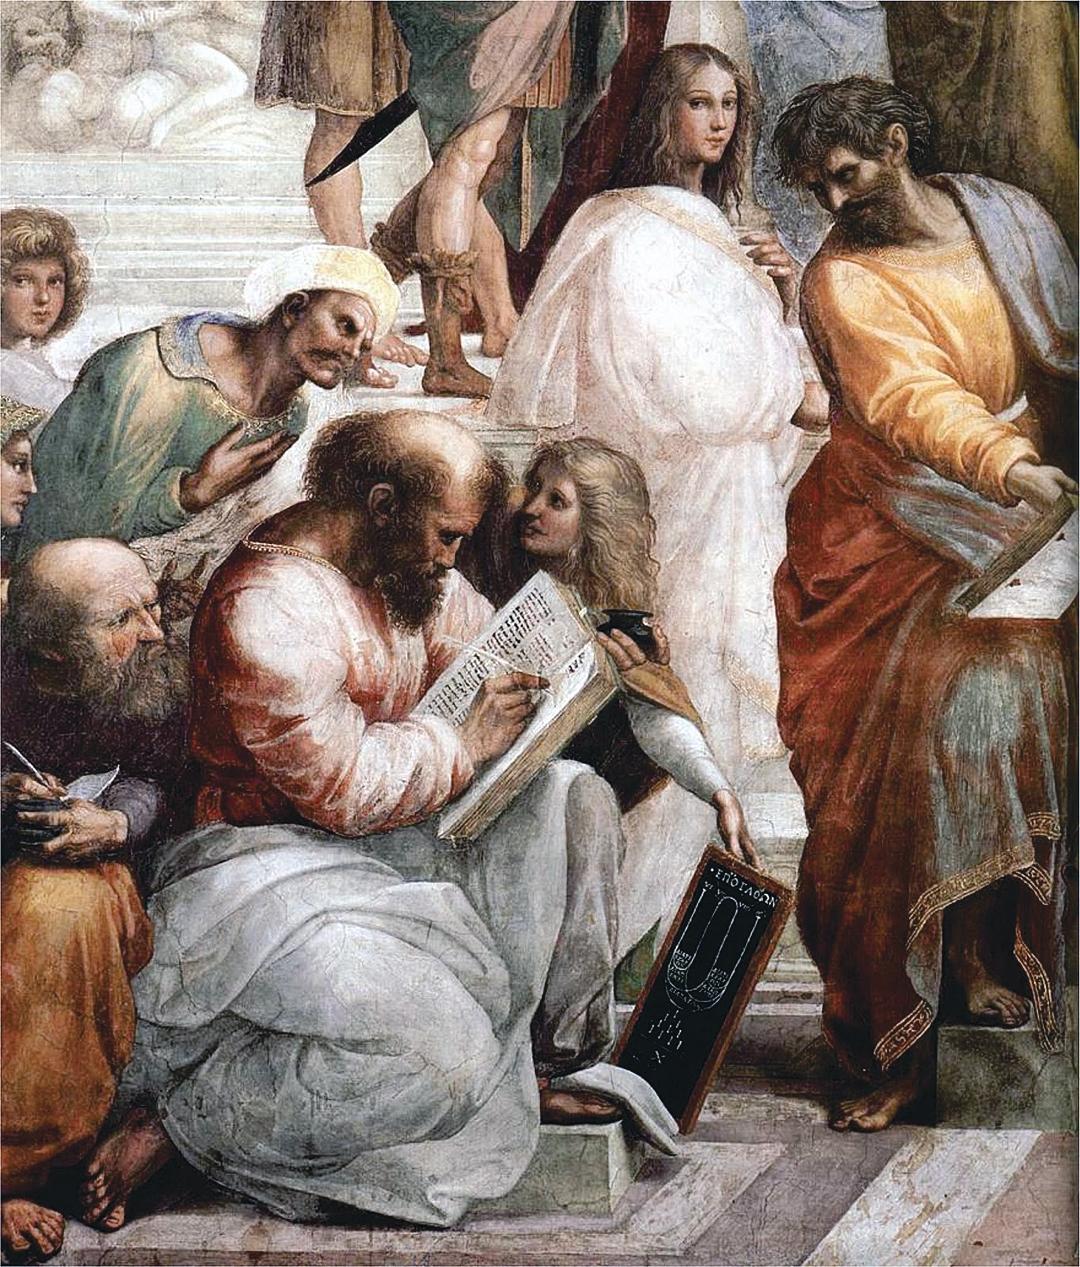 《雅典學院》局部,意大利拉斐爾,1509~1510,濕壁畫。畫中正拿著樂譜在教音樂的老師即是畢達哥拉斯。(公有領域)